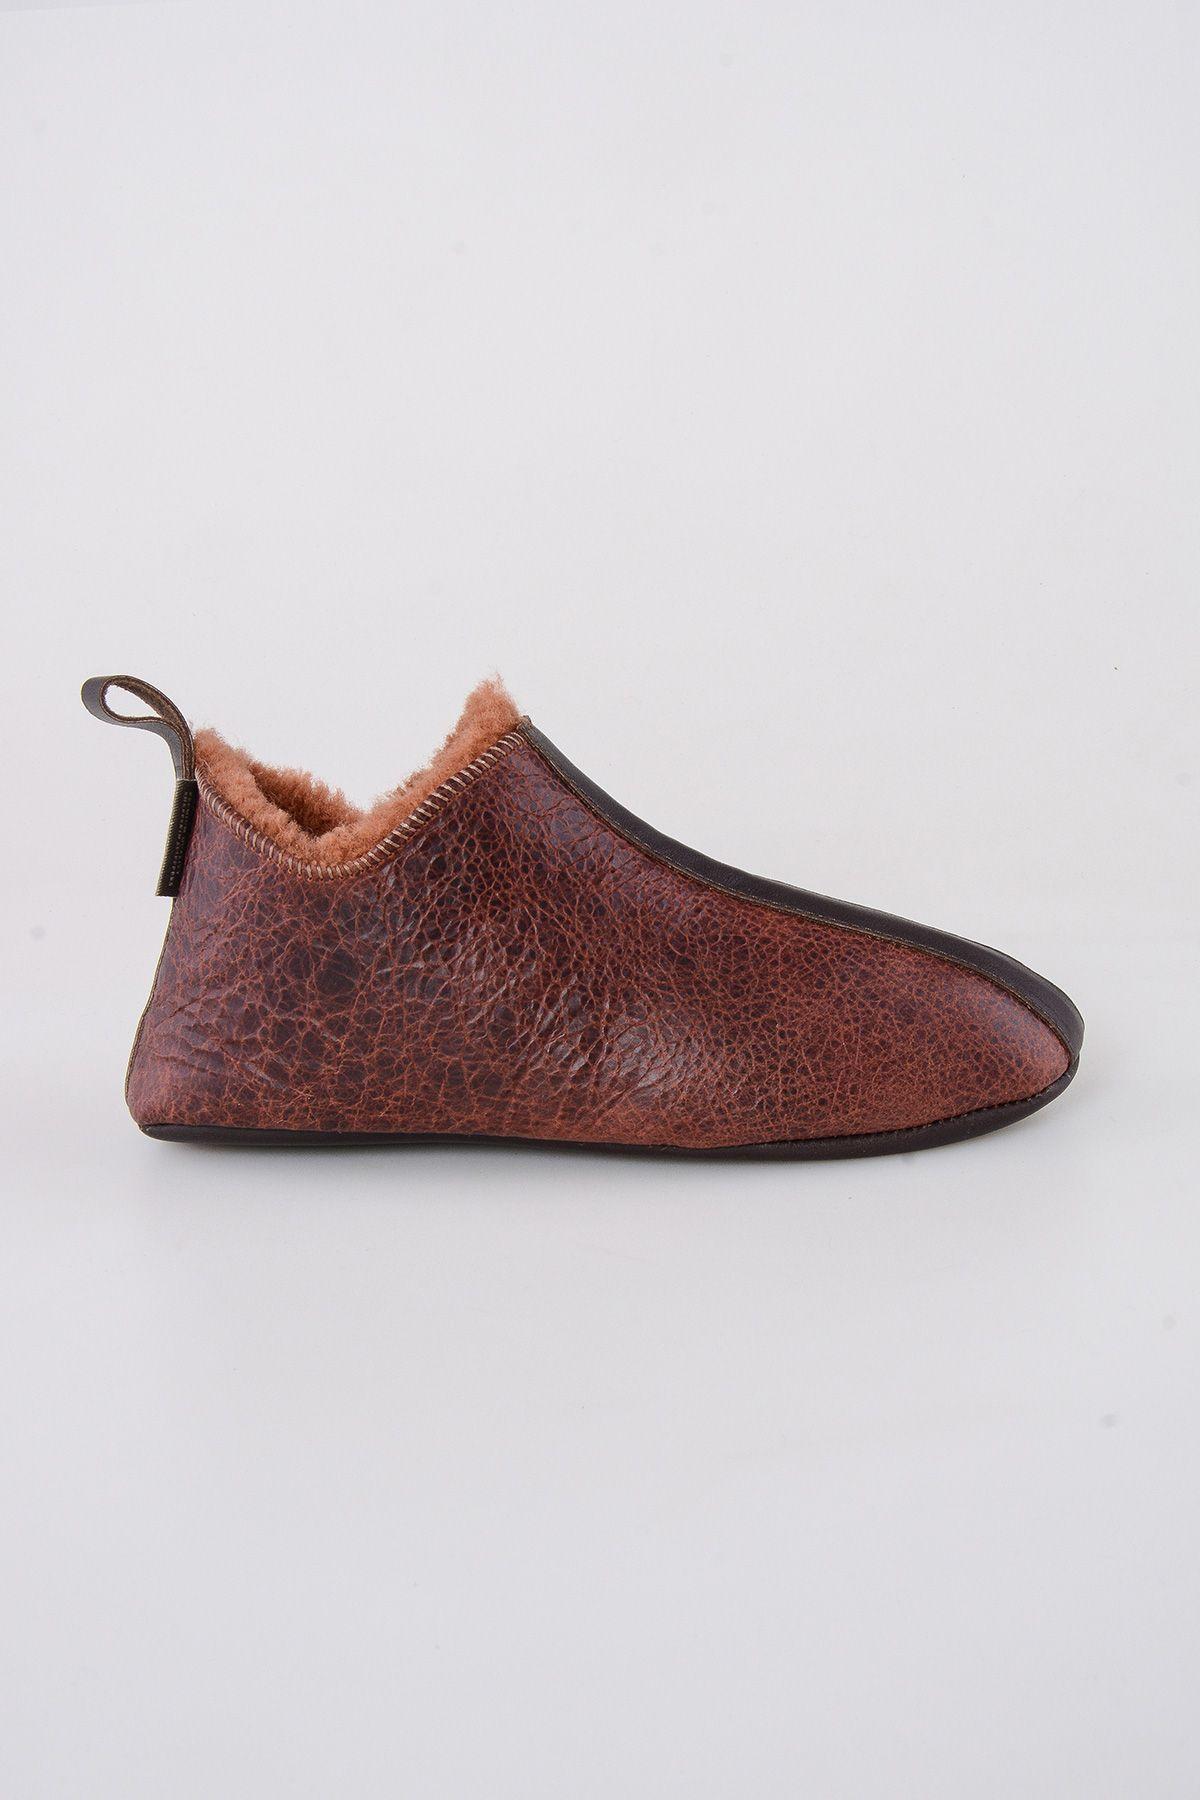 Pegia Hakiki Kürklü  Erkek Ev Ayakkabısı 111008 Taba